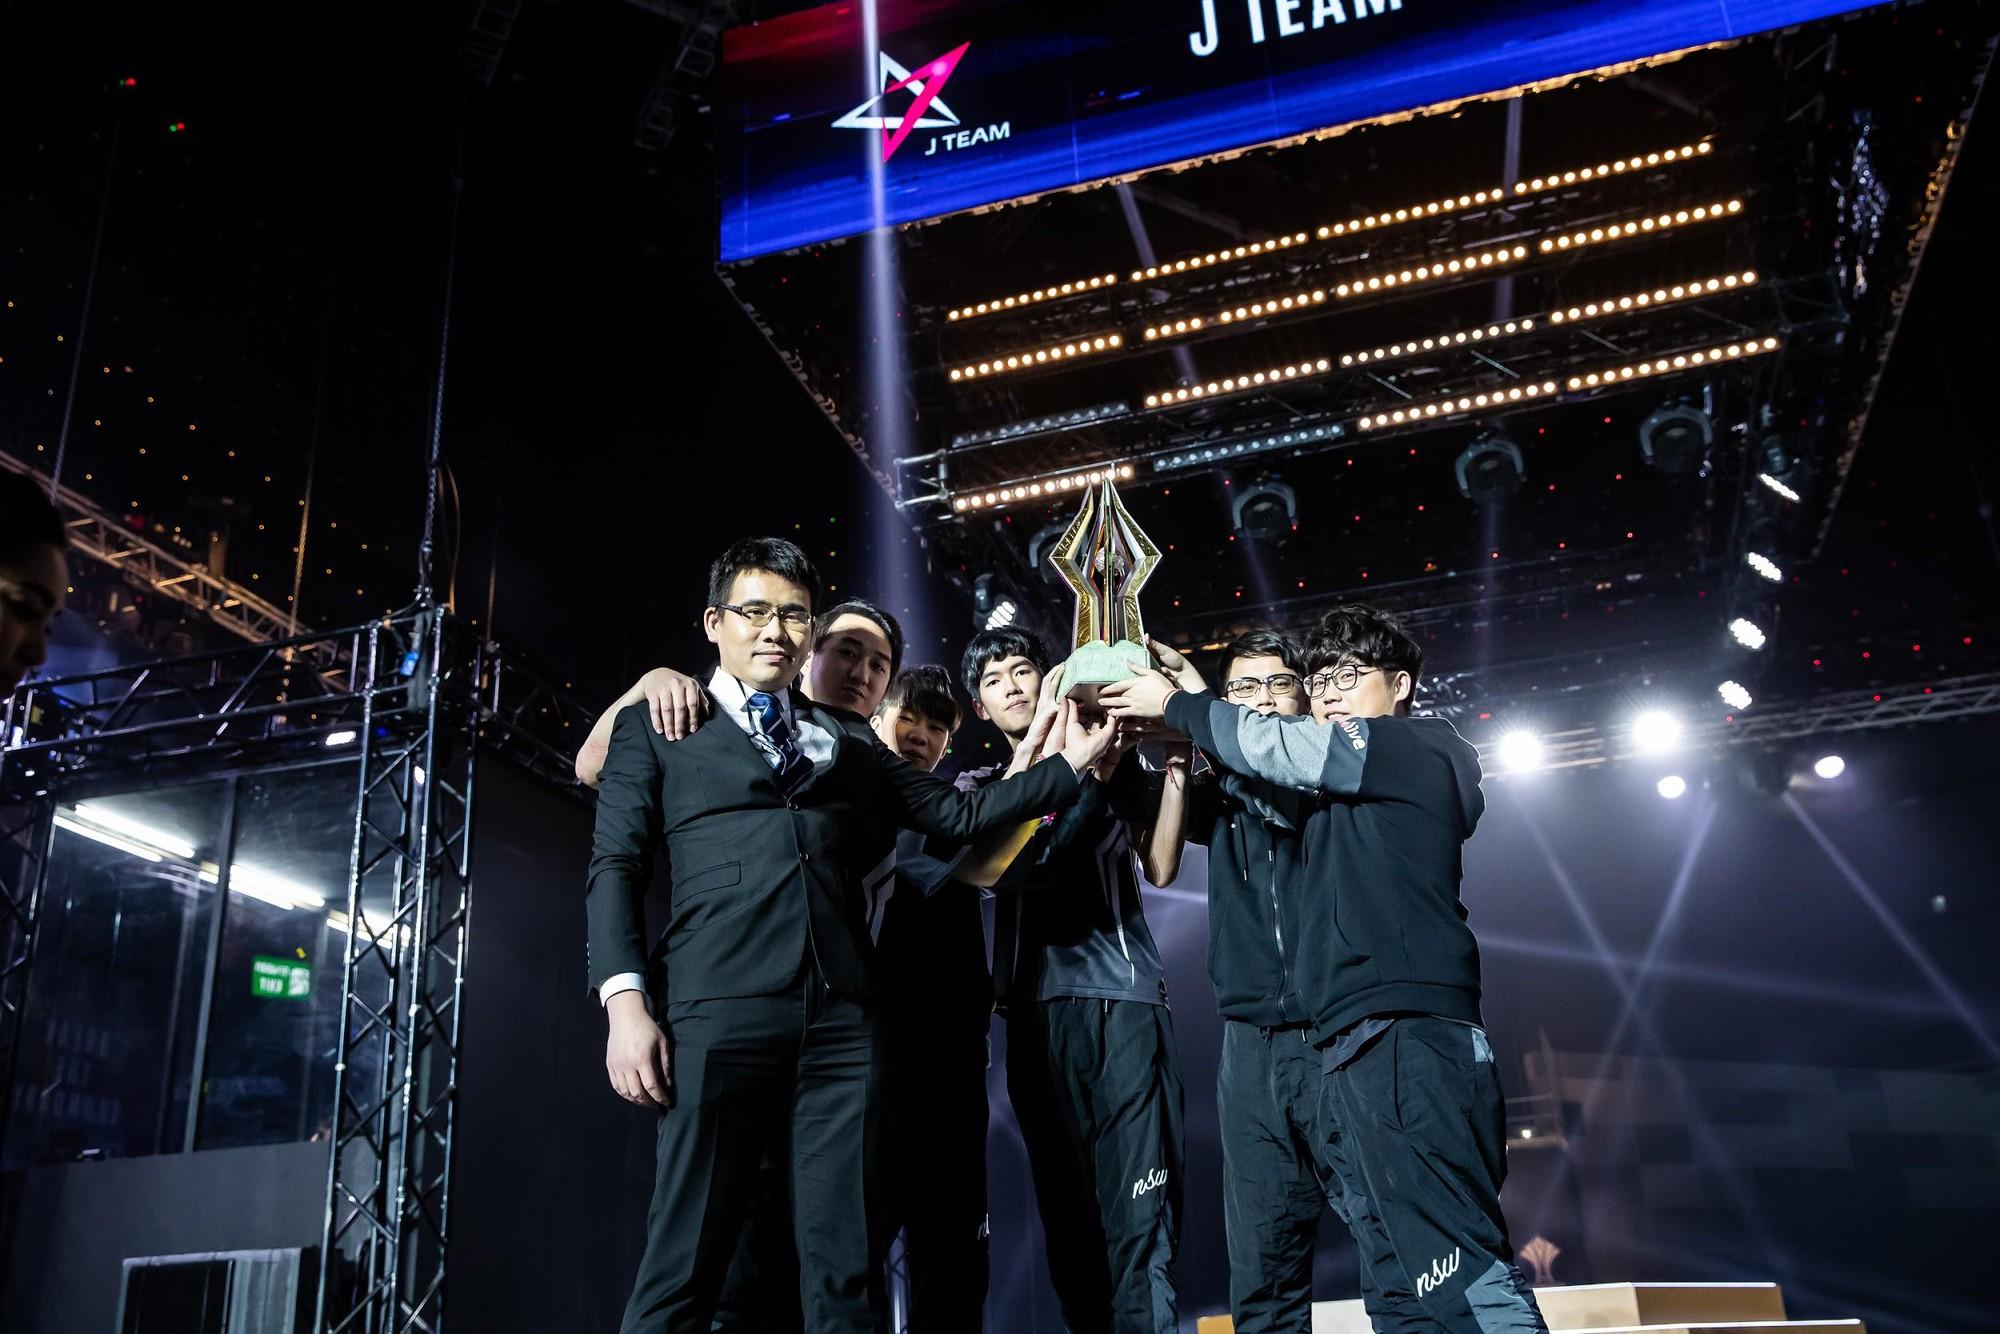 """Đấu trường Danh vọng mùa Đông 2019 đã trở lại, tuyển thủ xuất sắc đạt danh hiệu MVP """"Monster Champion"""" giành 100 triệu tiền thưởng - Ảnh 5."""